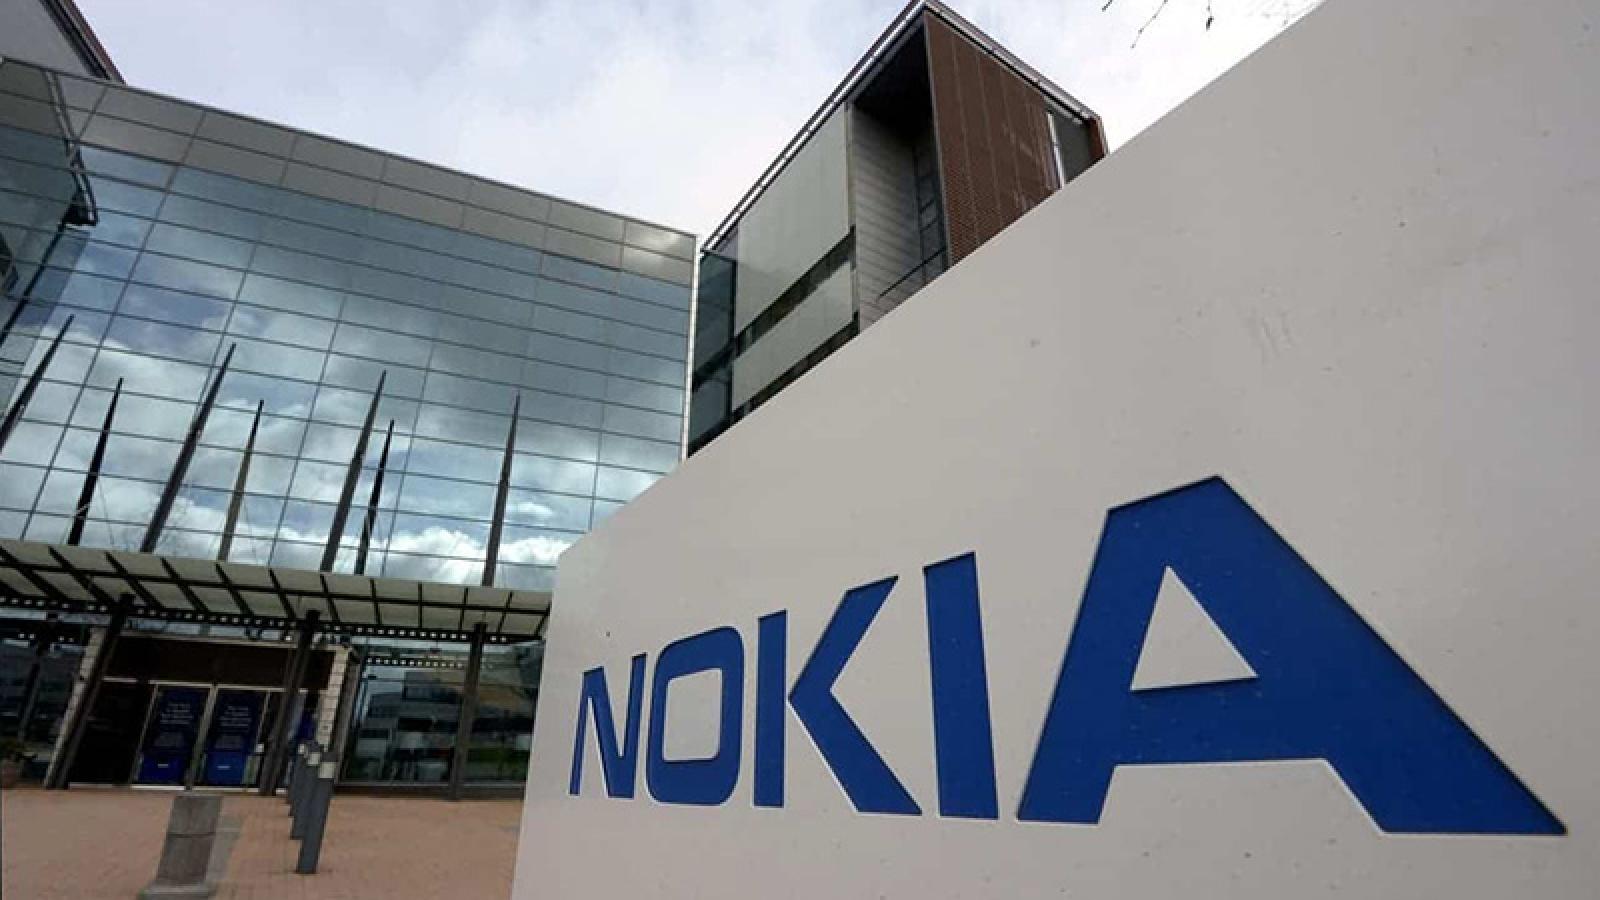 Hơn 10.000 nhân viên Nokia đã mất việc chỉ trong vòng 2 năm